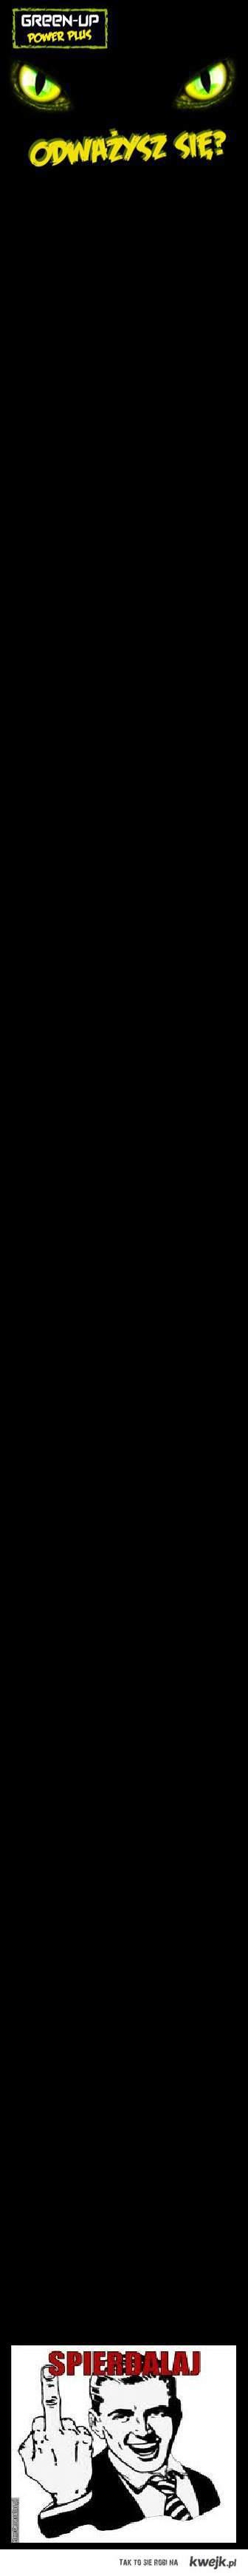 Siperdalaj